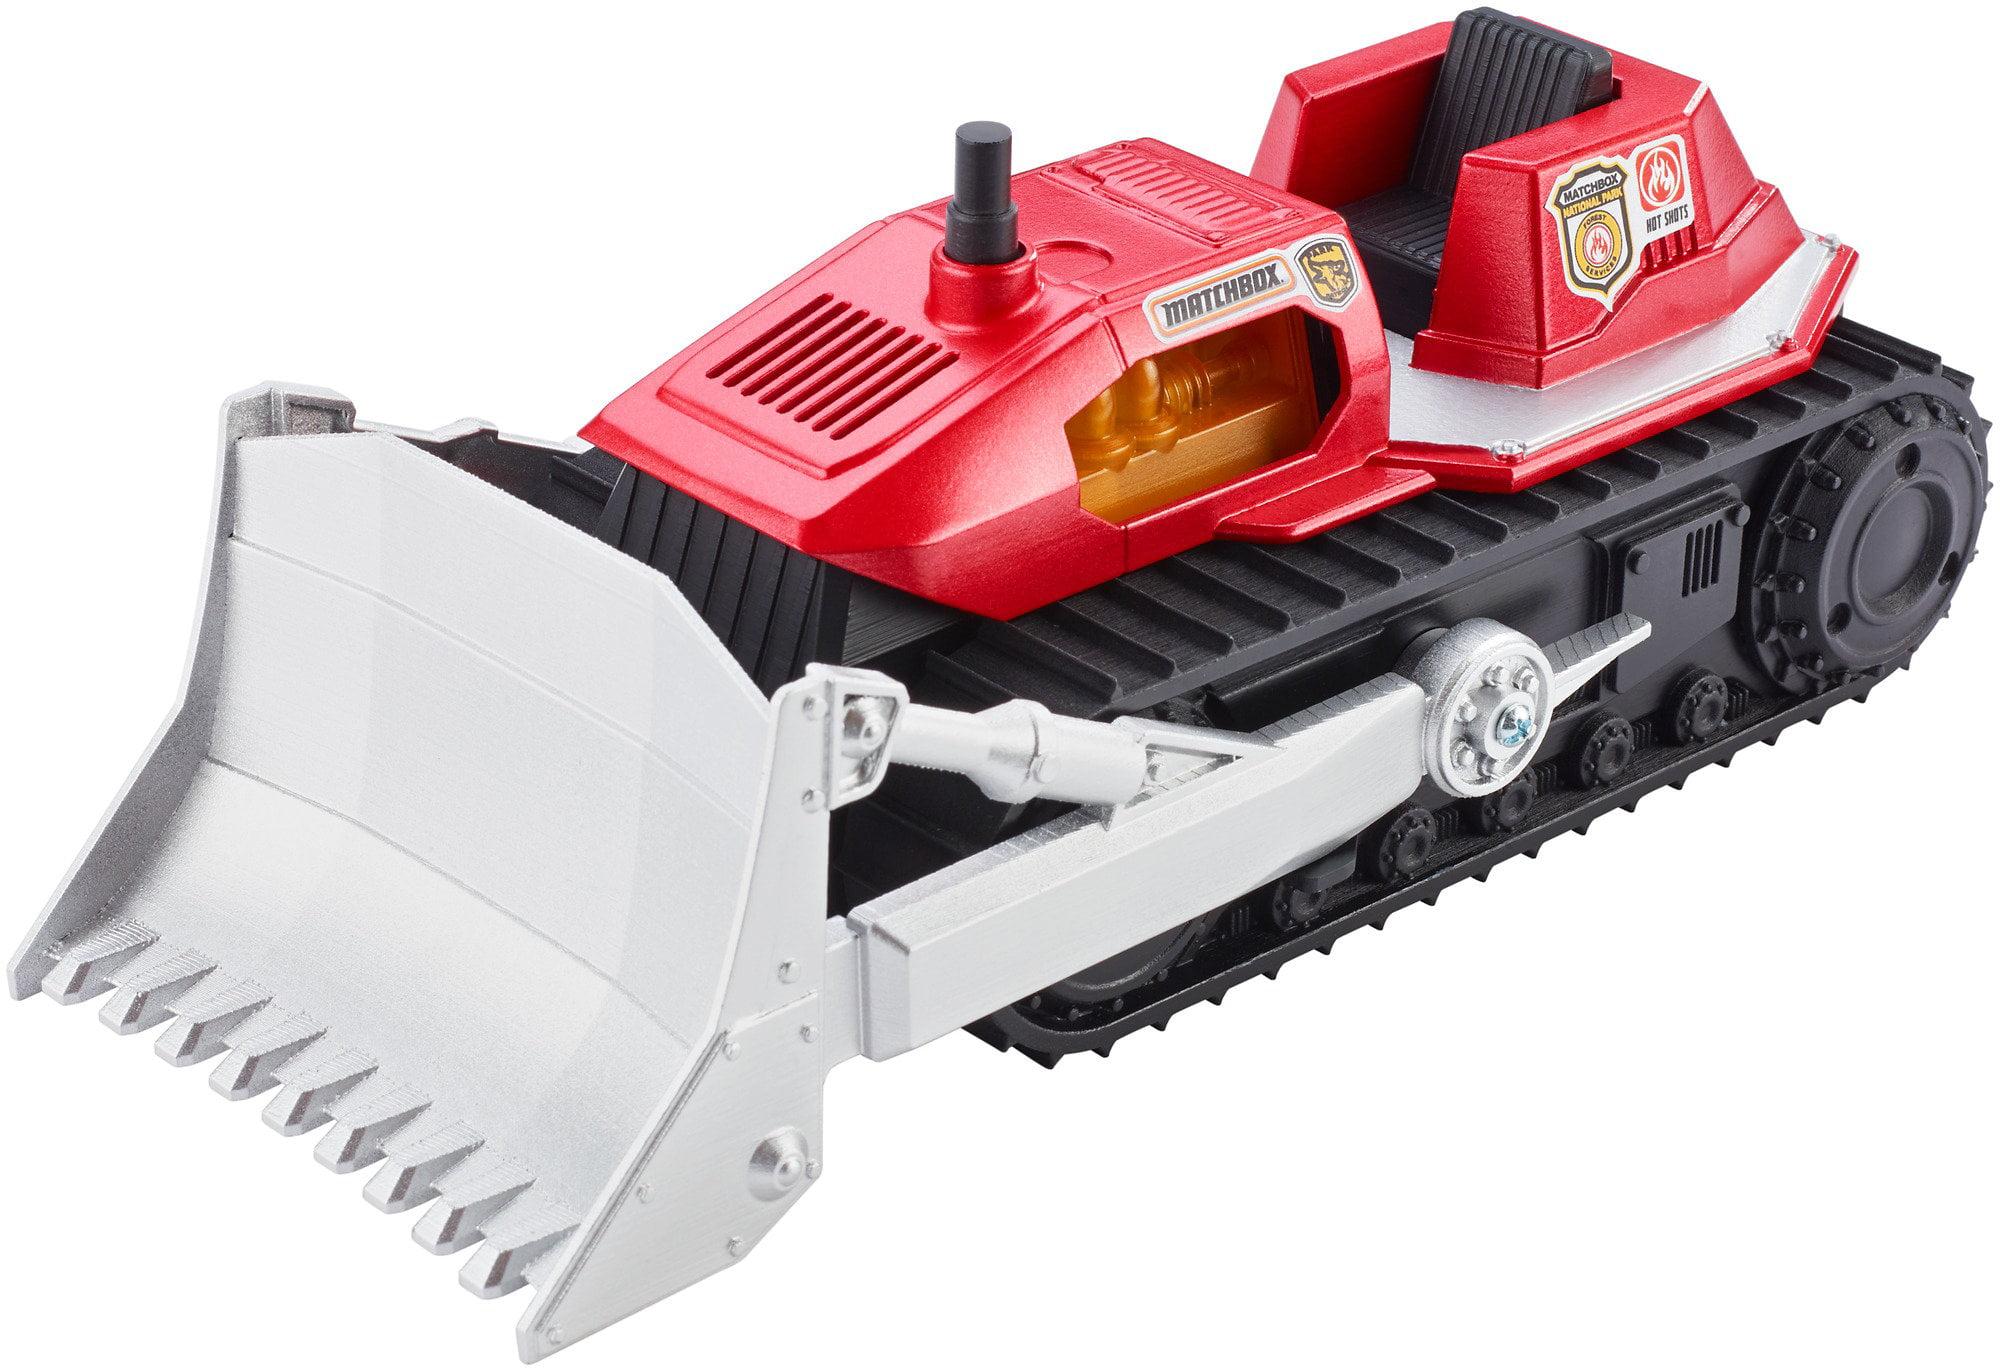 Matchbox Excavator Truck by Mattel